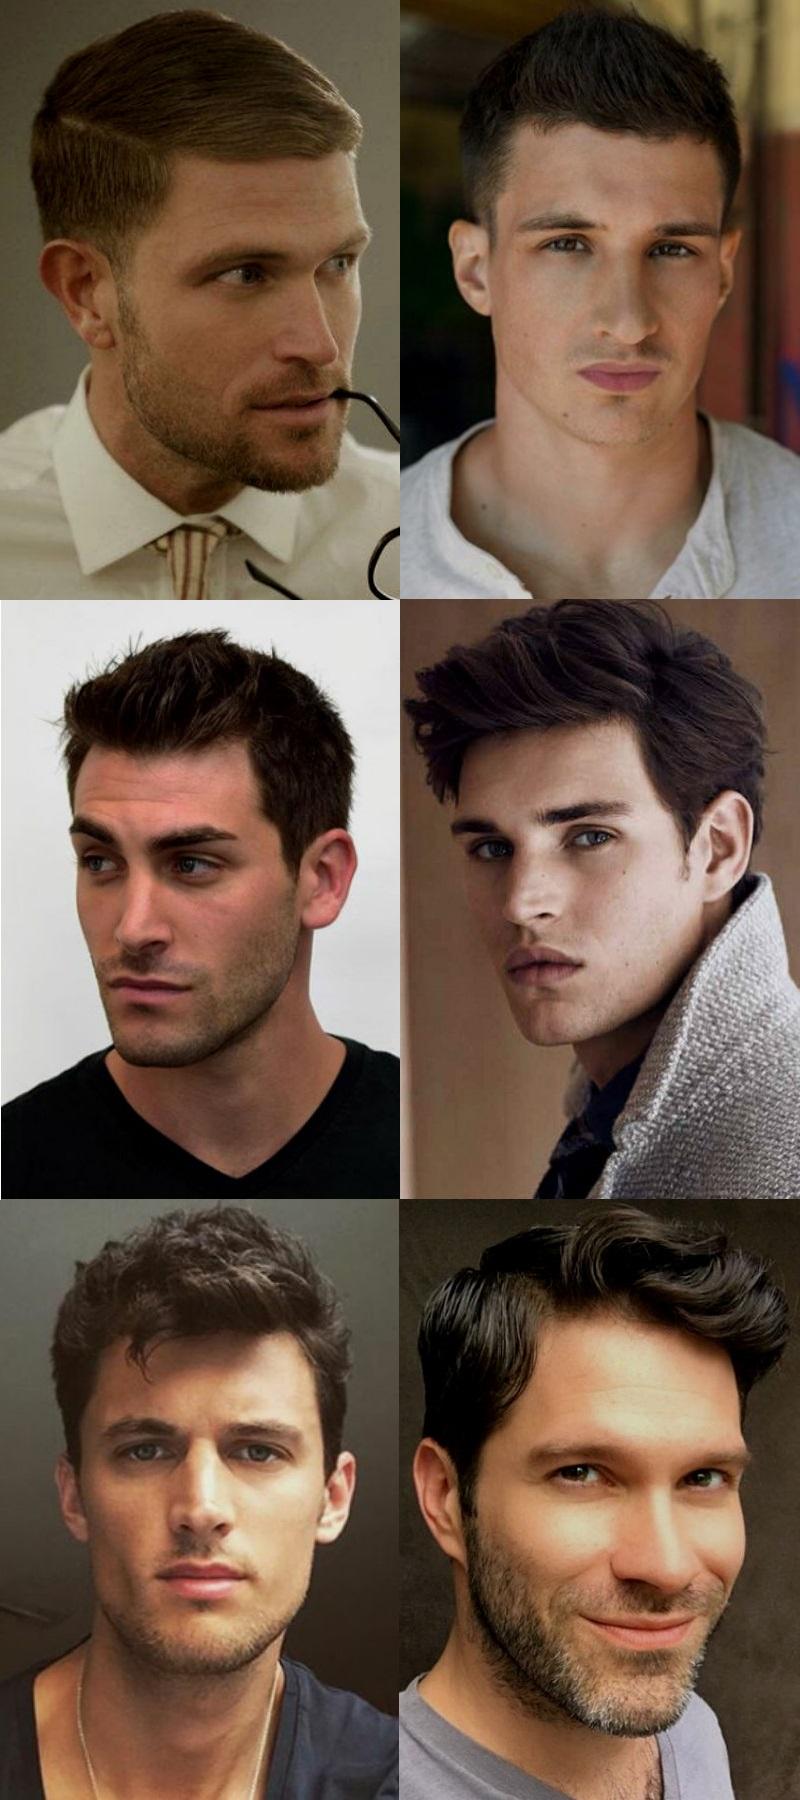 Homem No Espelho - Cortes de cabelo masculinos 2016 - Clássicos